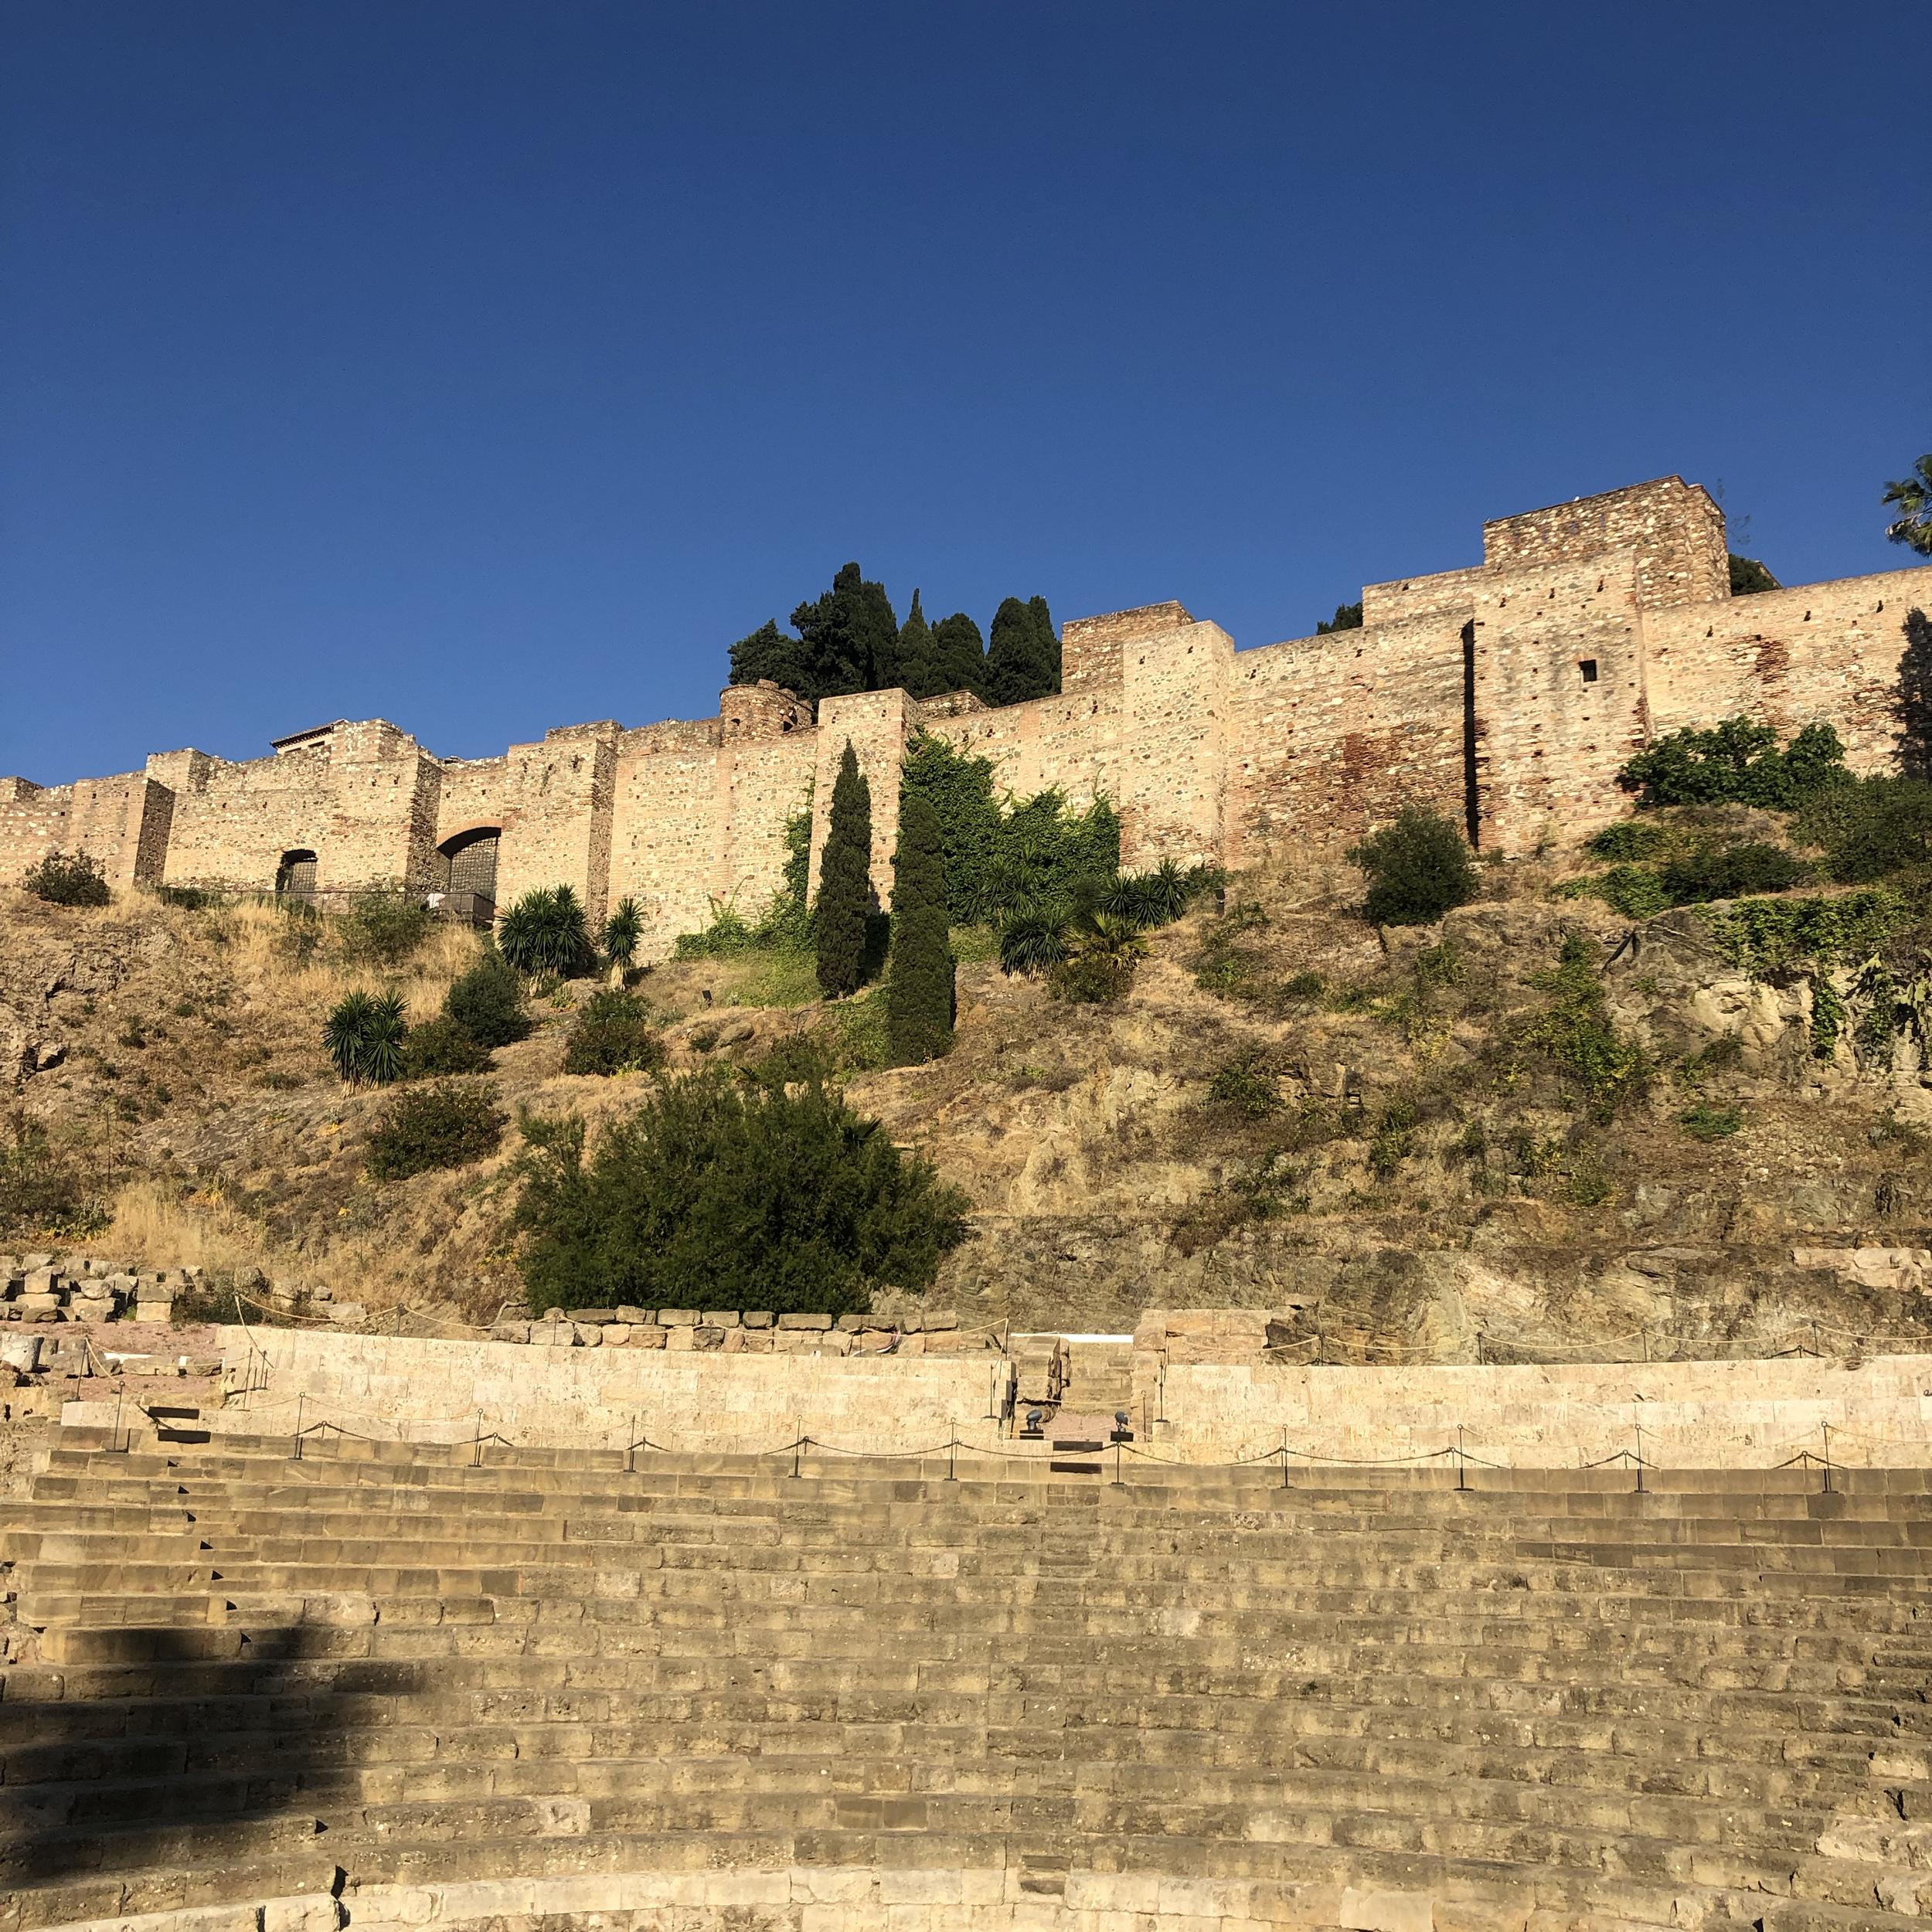 Vista del Teatro Romano de Málaga desde la calle.